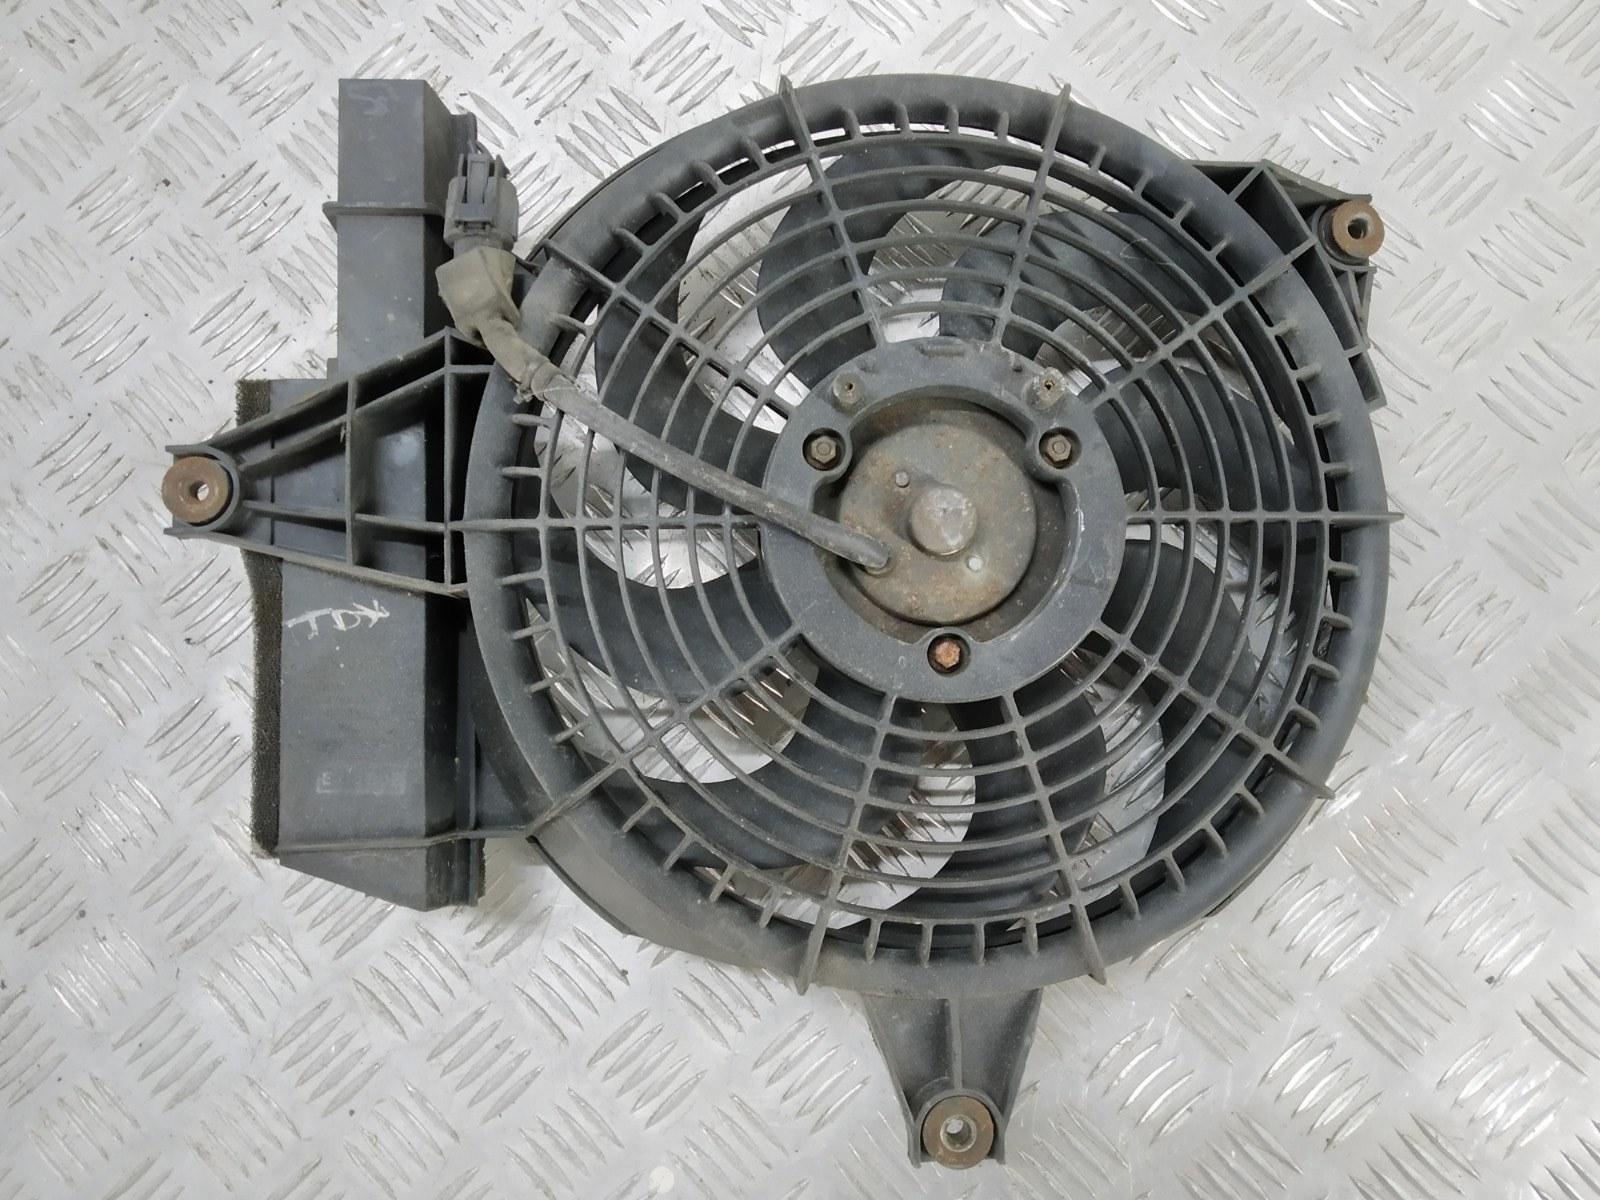 Вентилятор кондиционера Hyundai Santa Fe 2.0 CRDI 2005 (б/у)